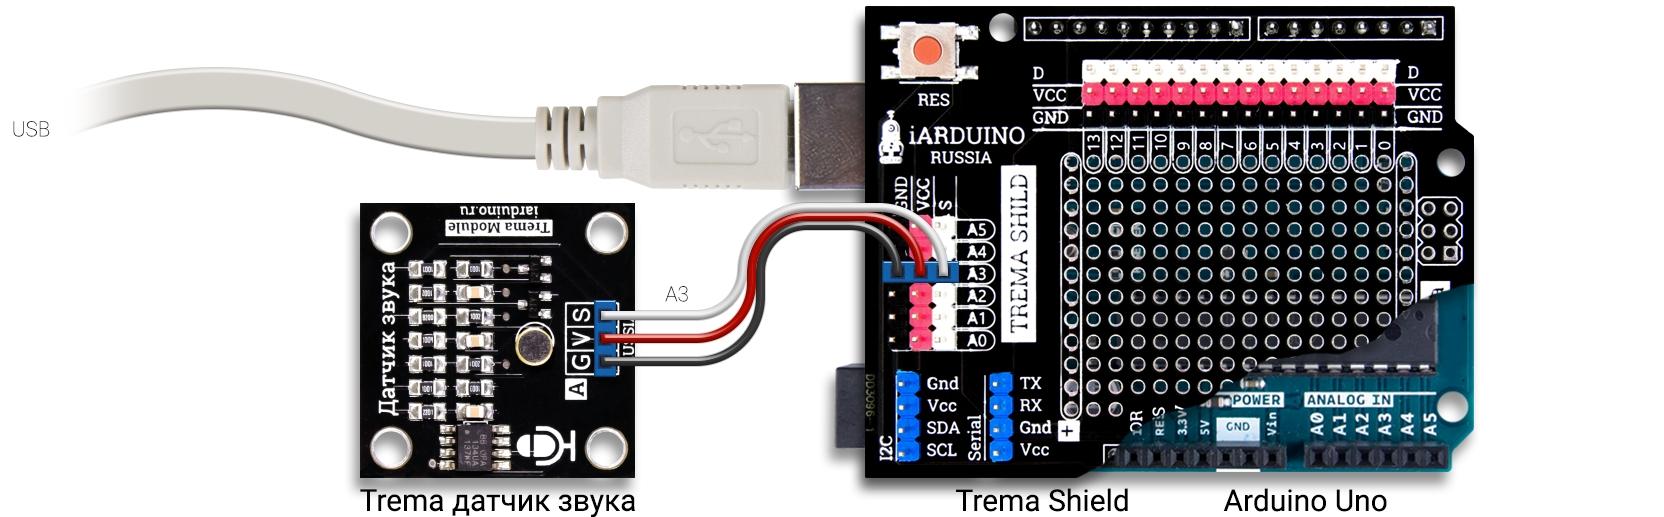 Дешифратор азбуки Морзе на Arduino с выводом данных в монитор последовательного порта